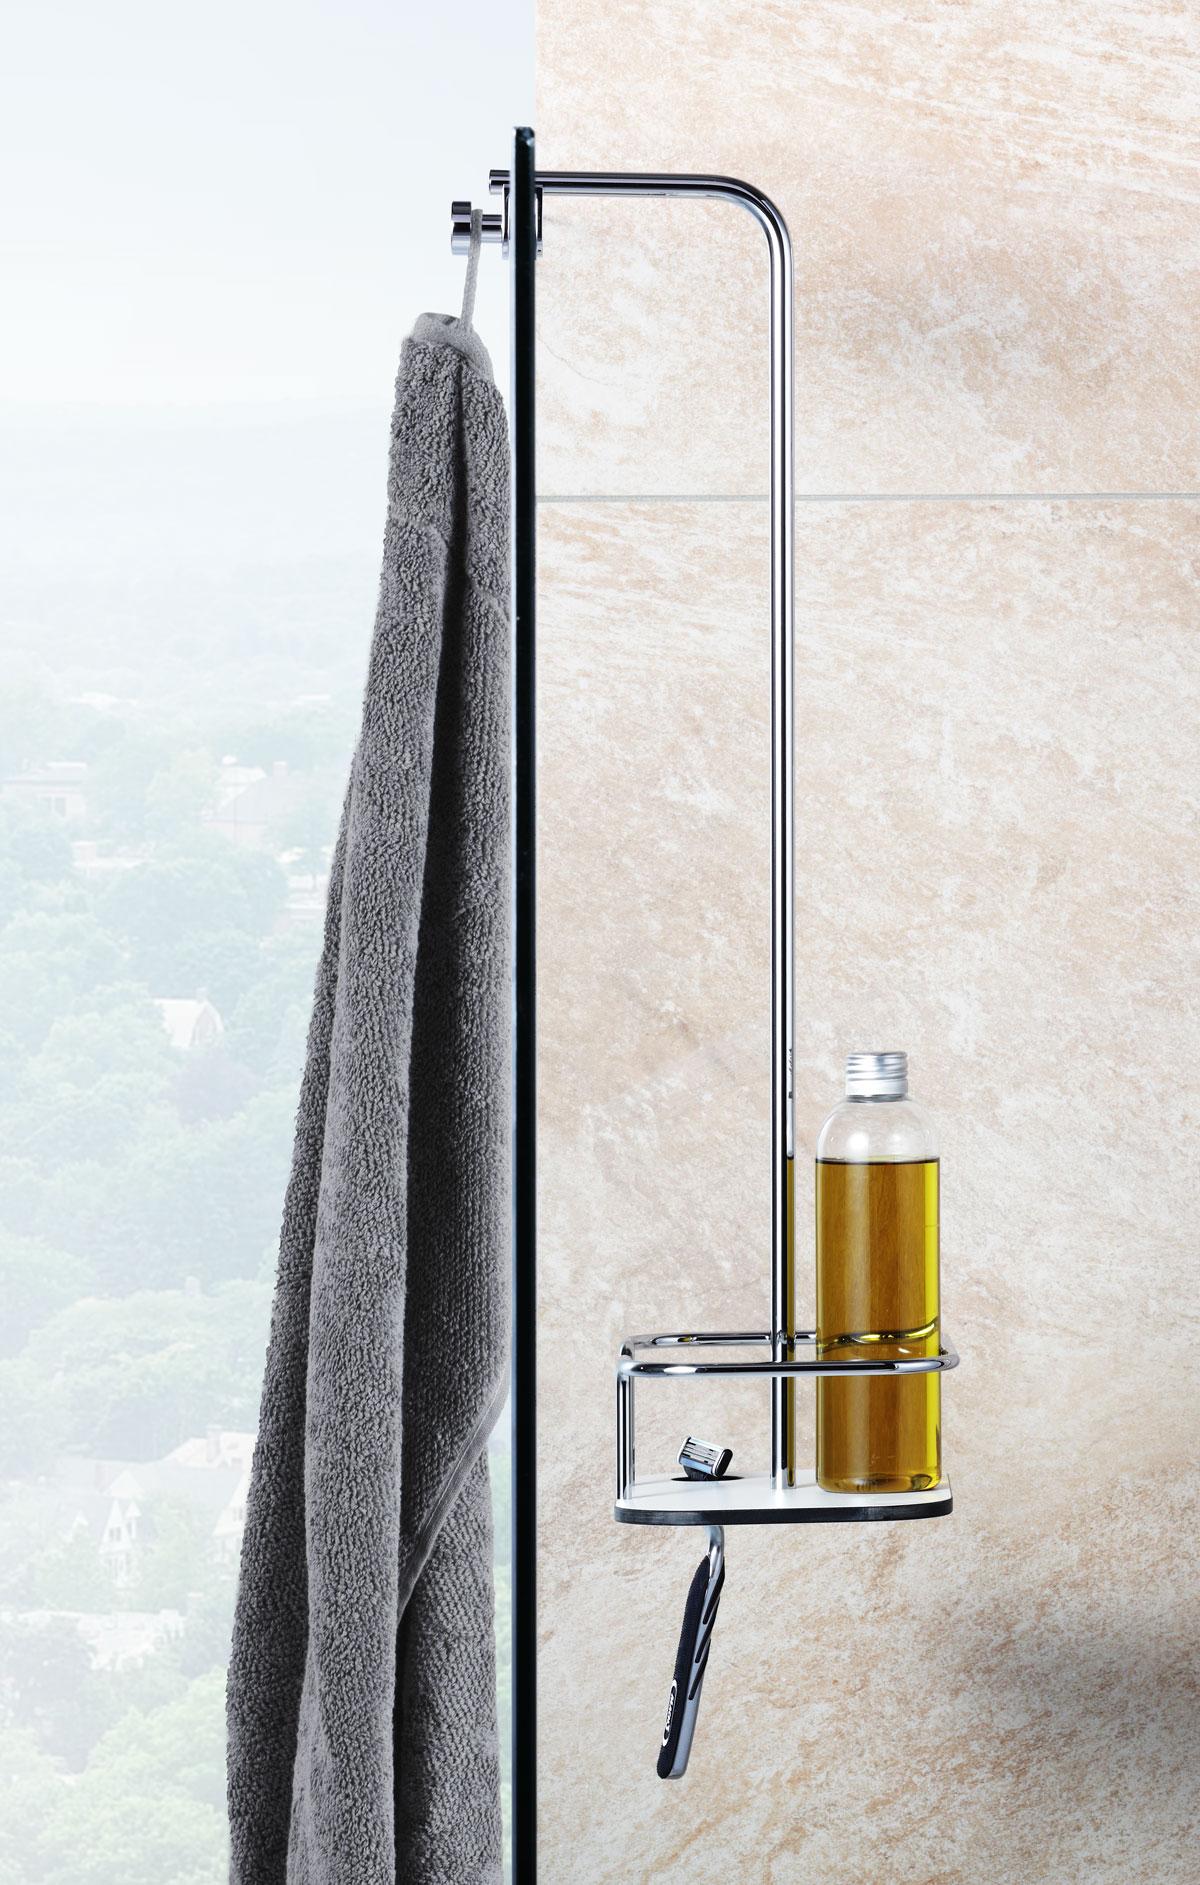 Giese Vipa Duschkorb mit Halter für Rasierer für Glaswand bis 9 mm 02